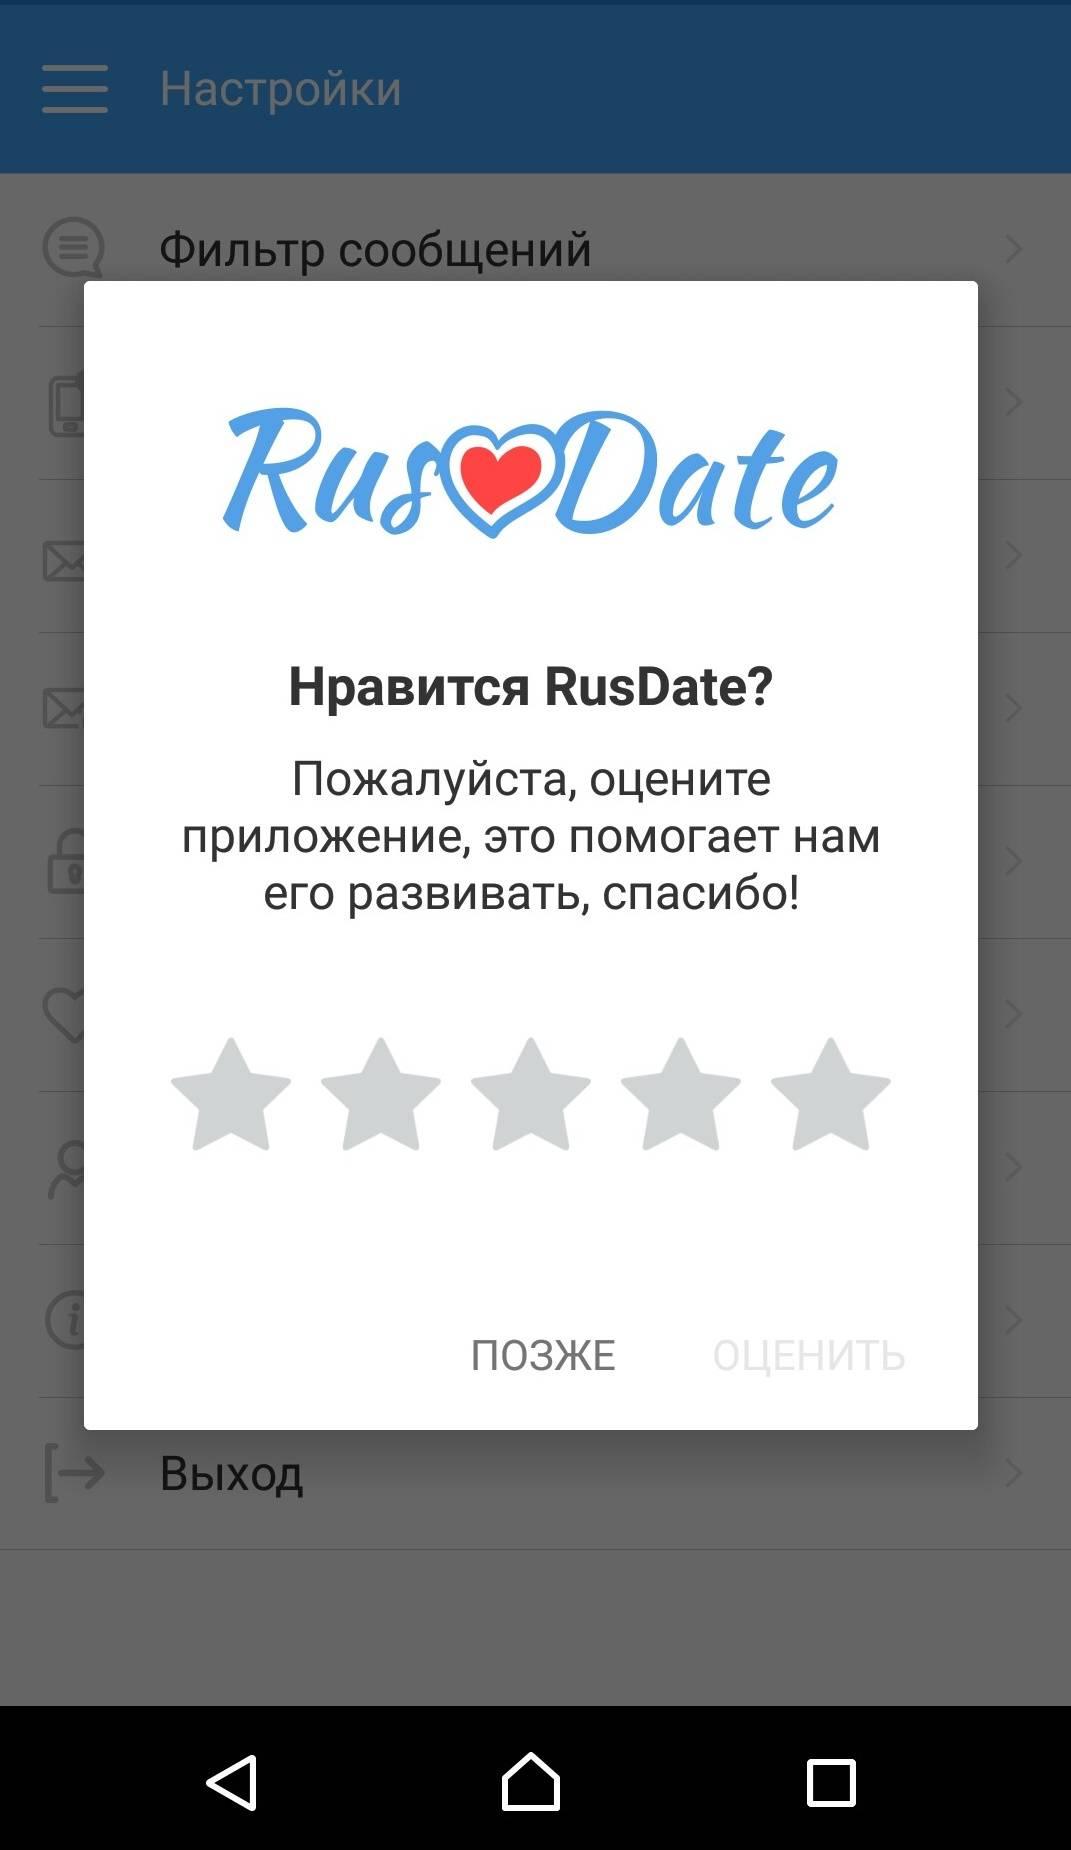 Сайт знакомств rusdate - стоит ли доверять?